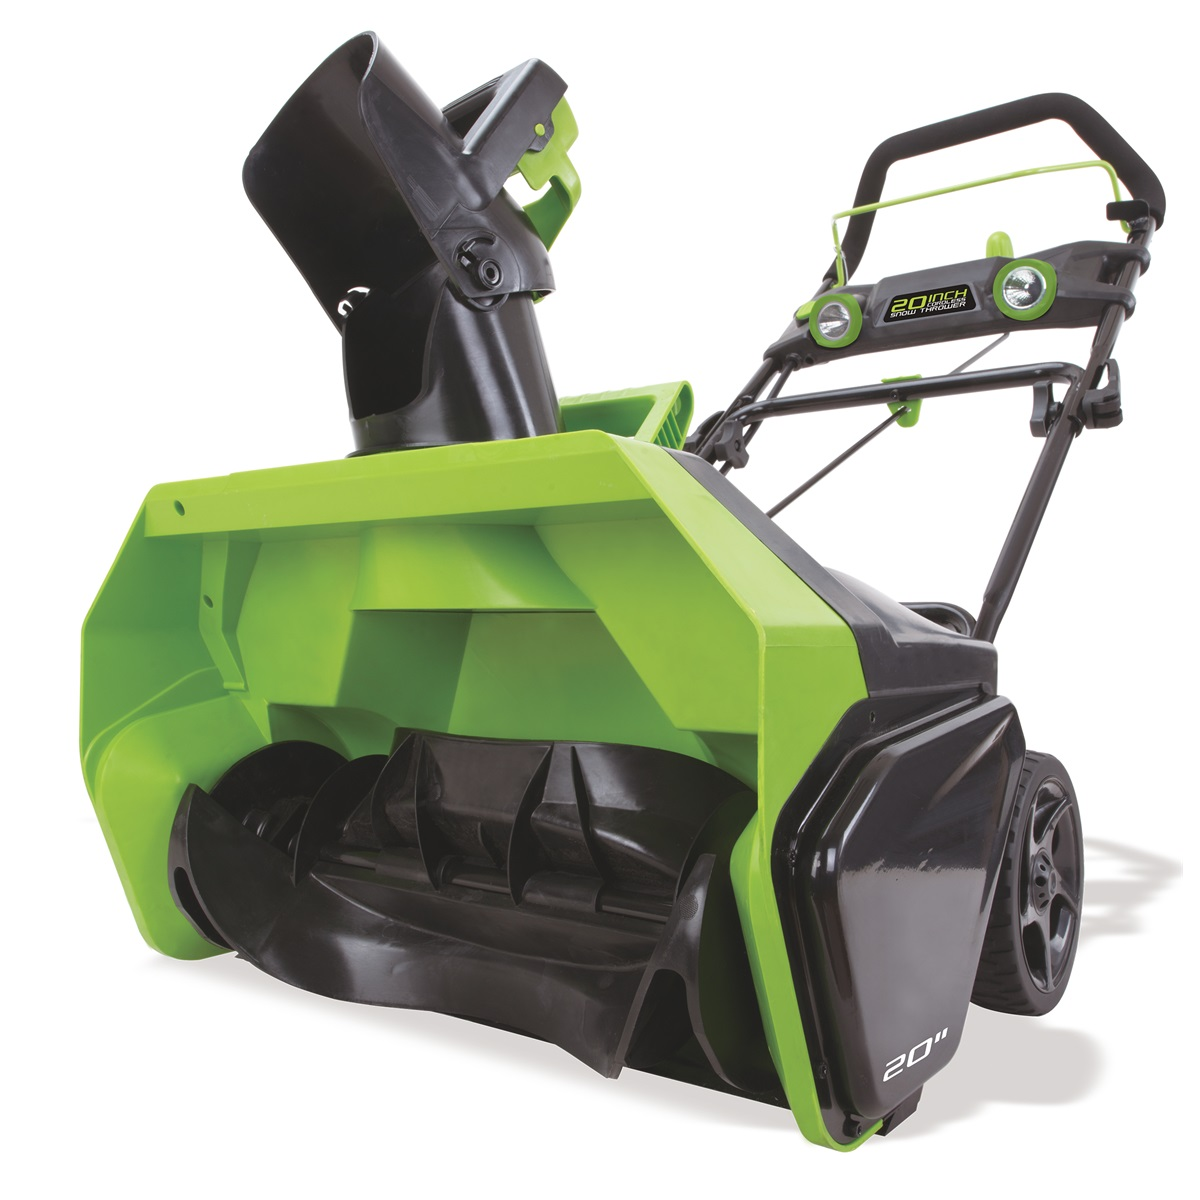 Greenworks GD40SB